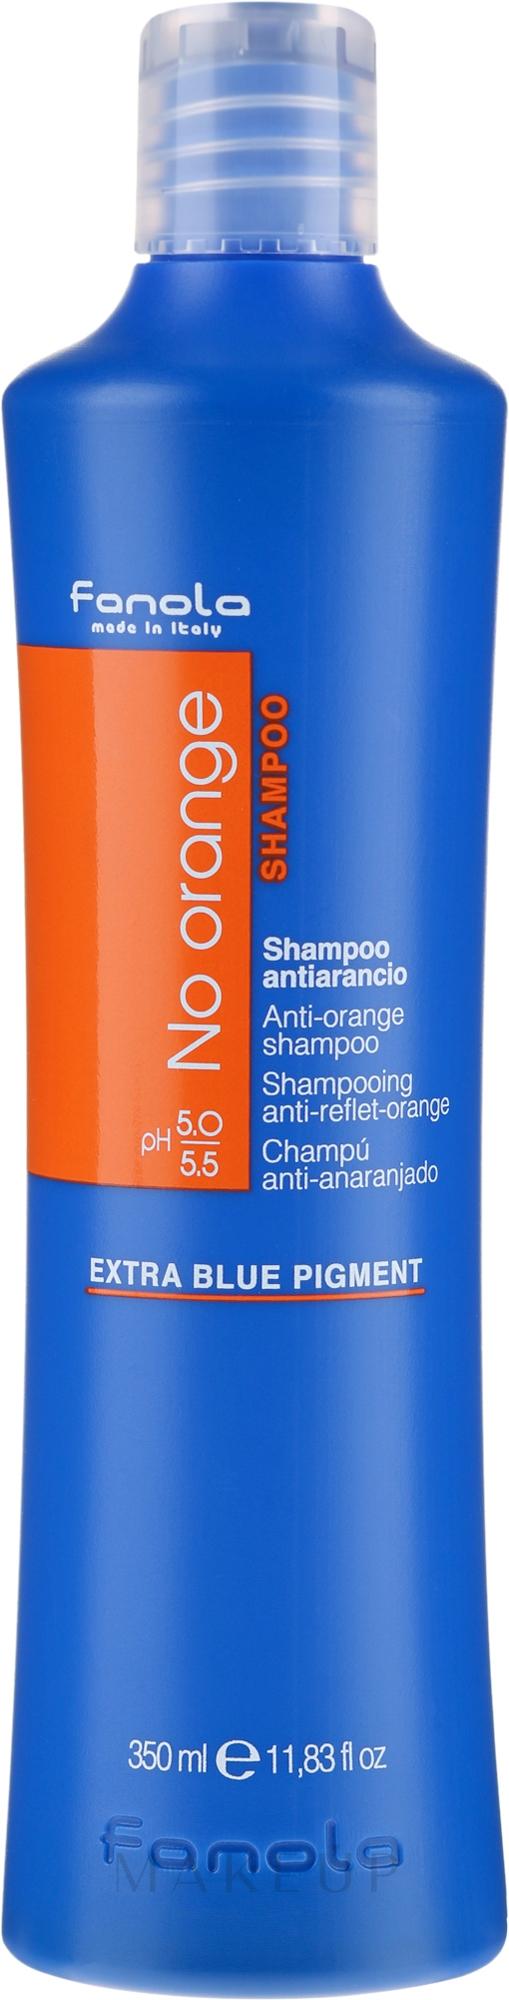 Farbneutralisierendes Shampoo für dunkel gefärbtes Haar - Fanola No Orange Extra Blue Pigment Shampoo — Bild 350 ml